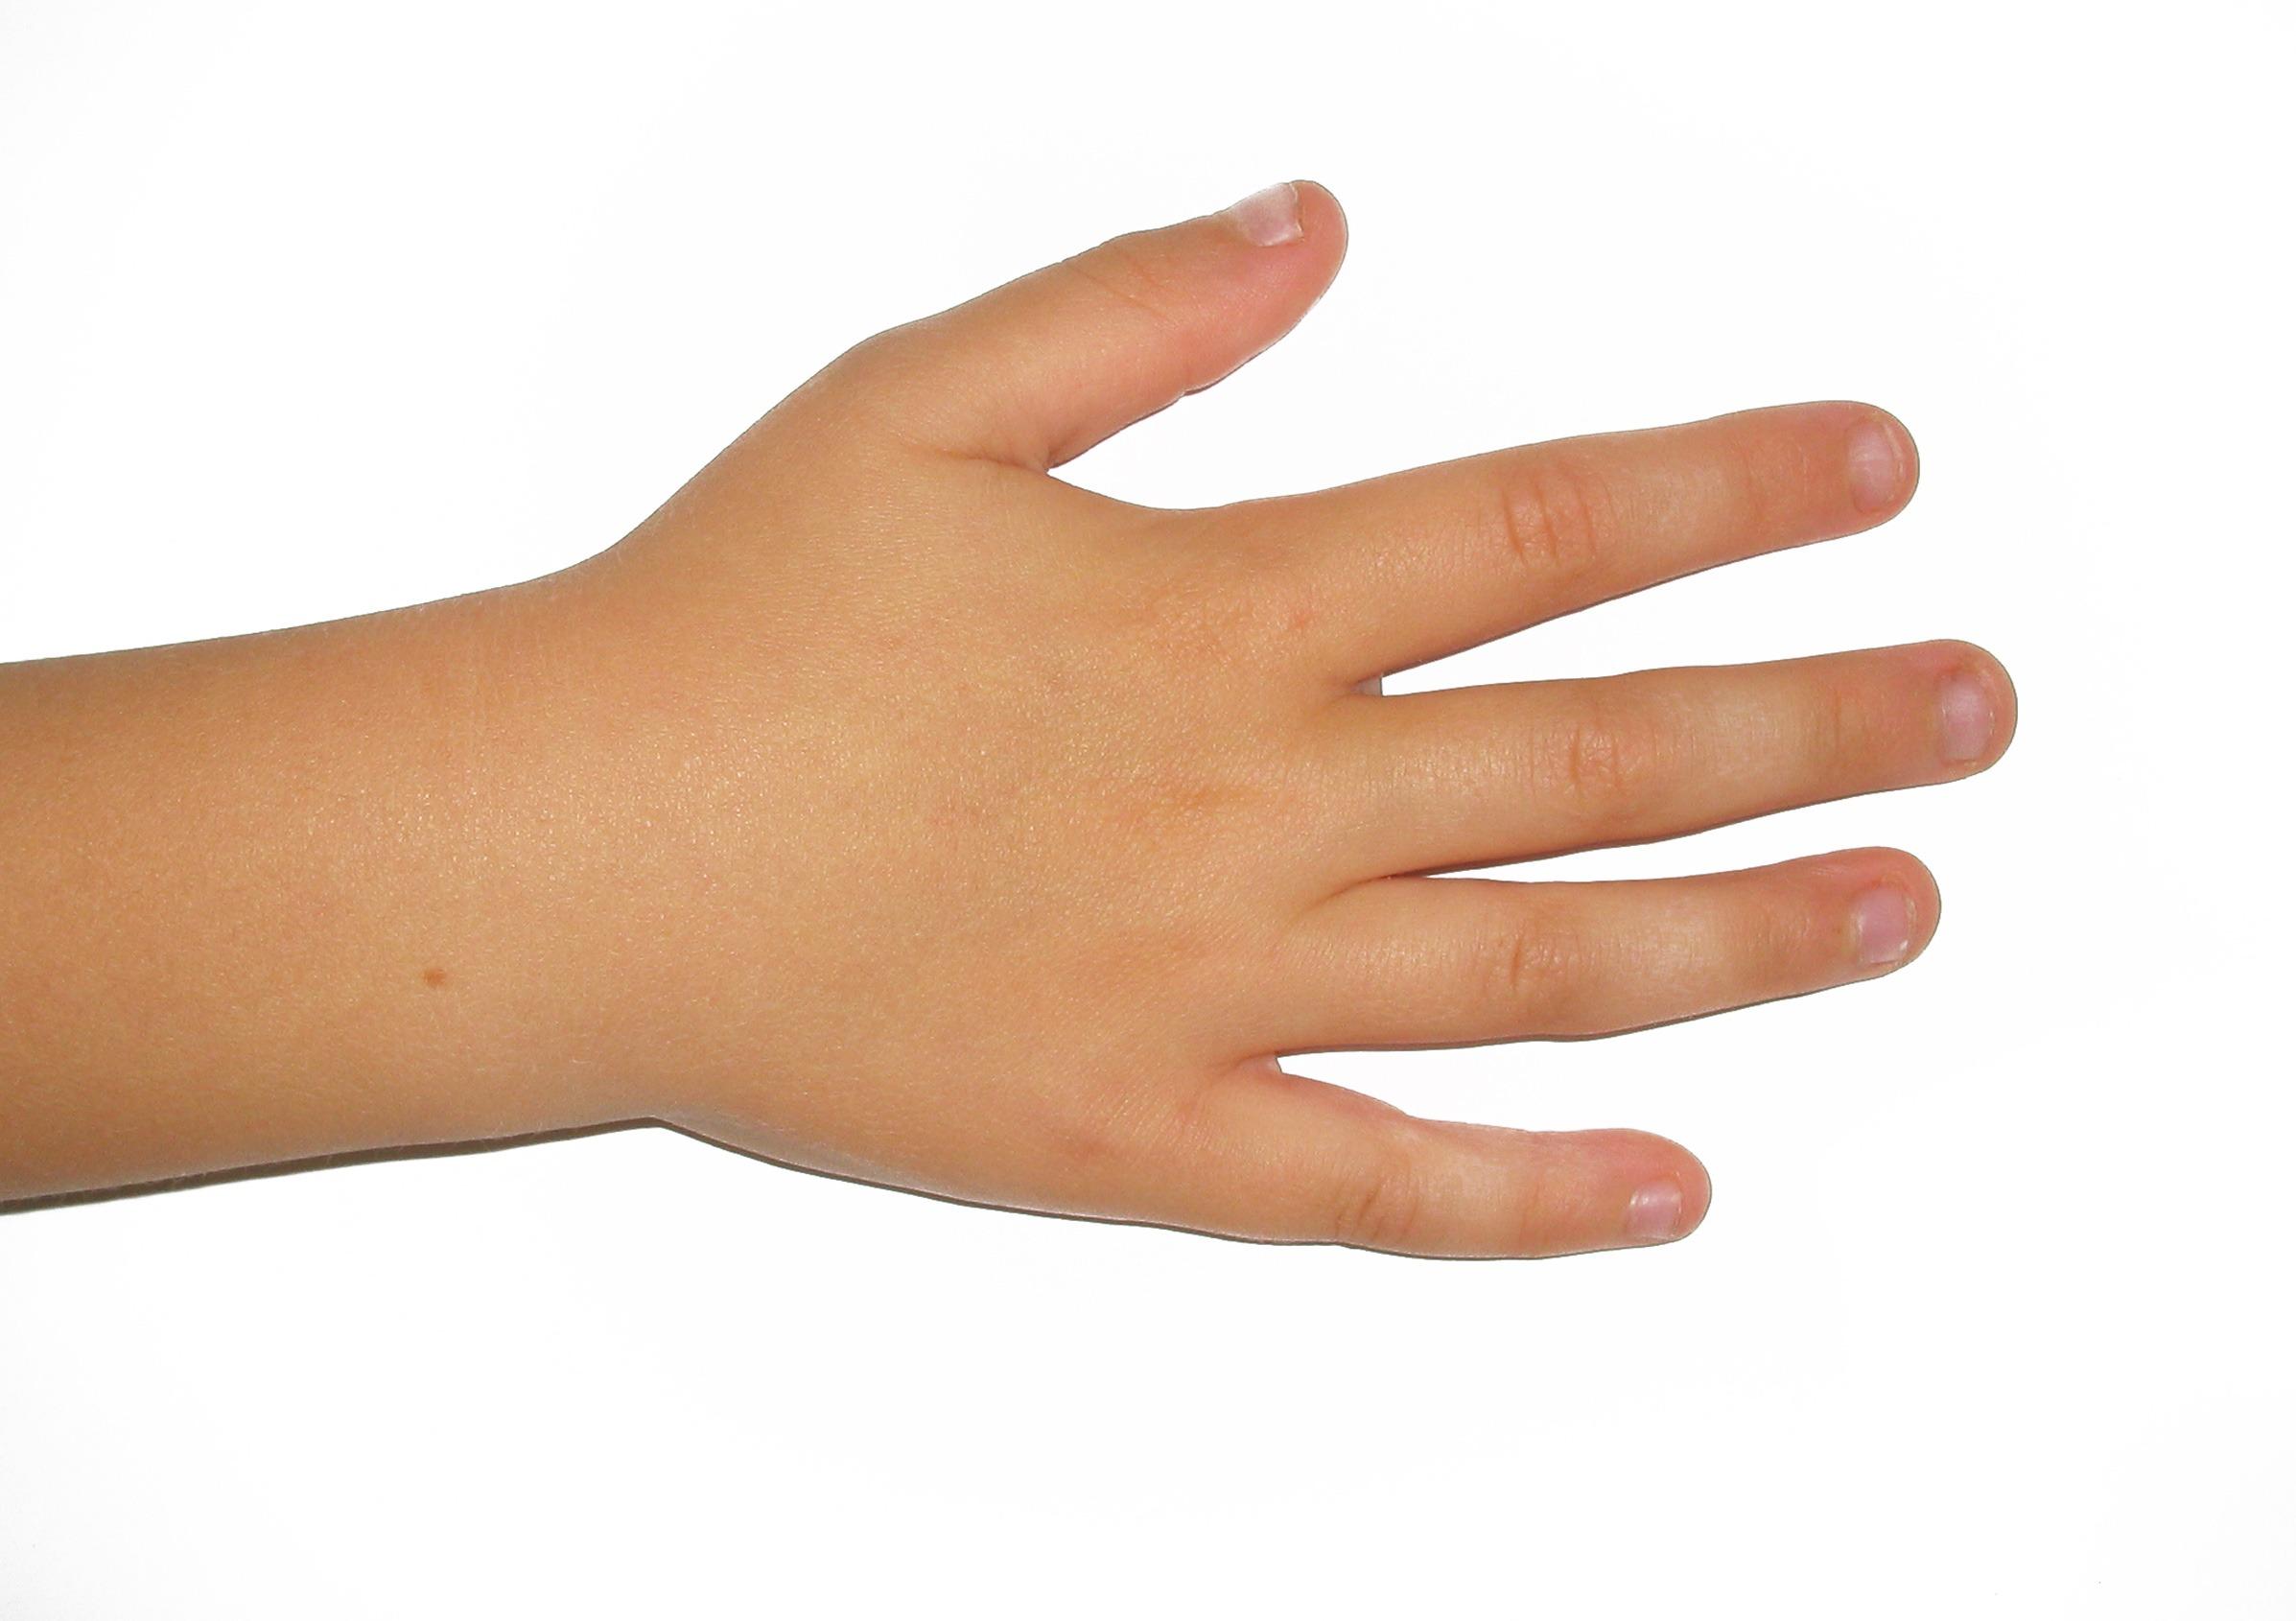 Картинки людей рук